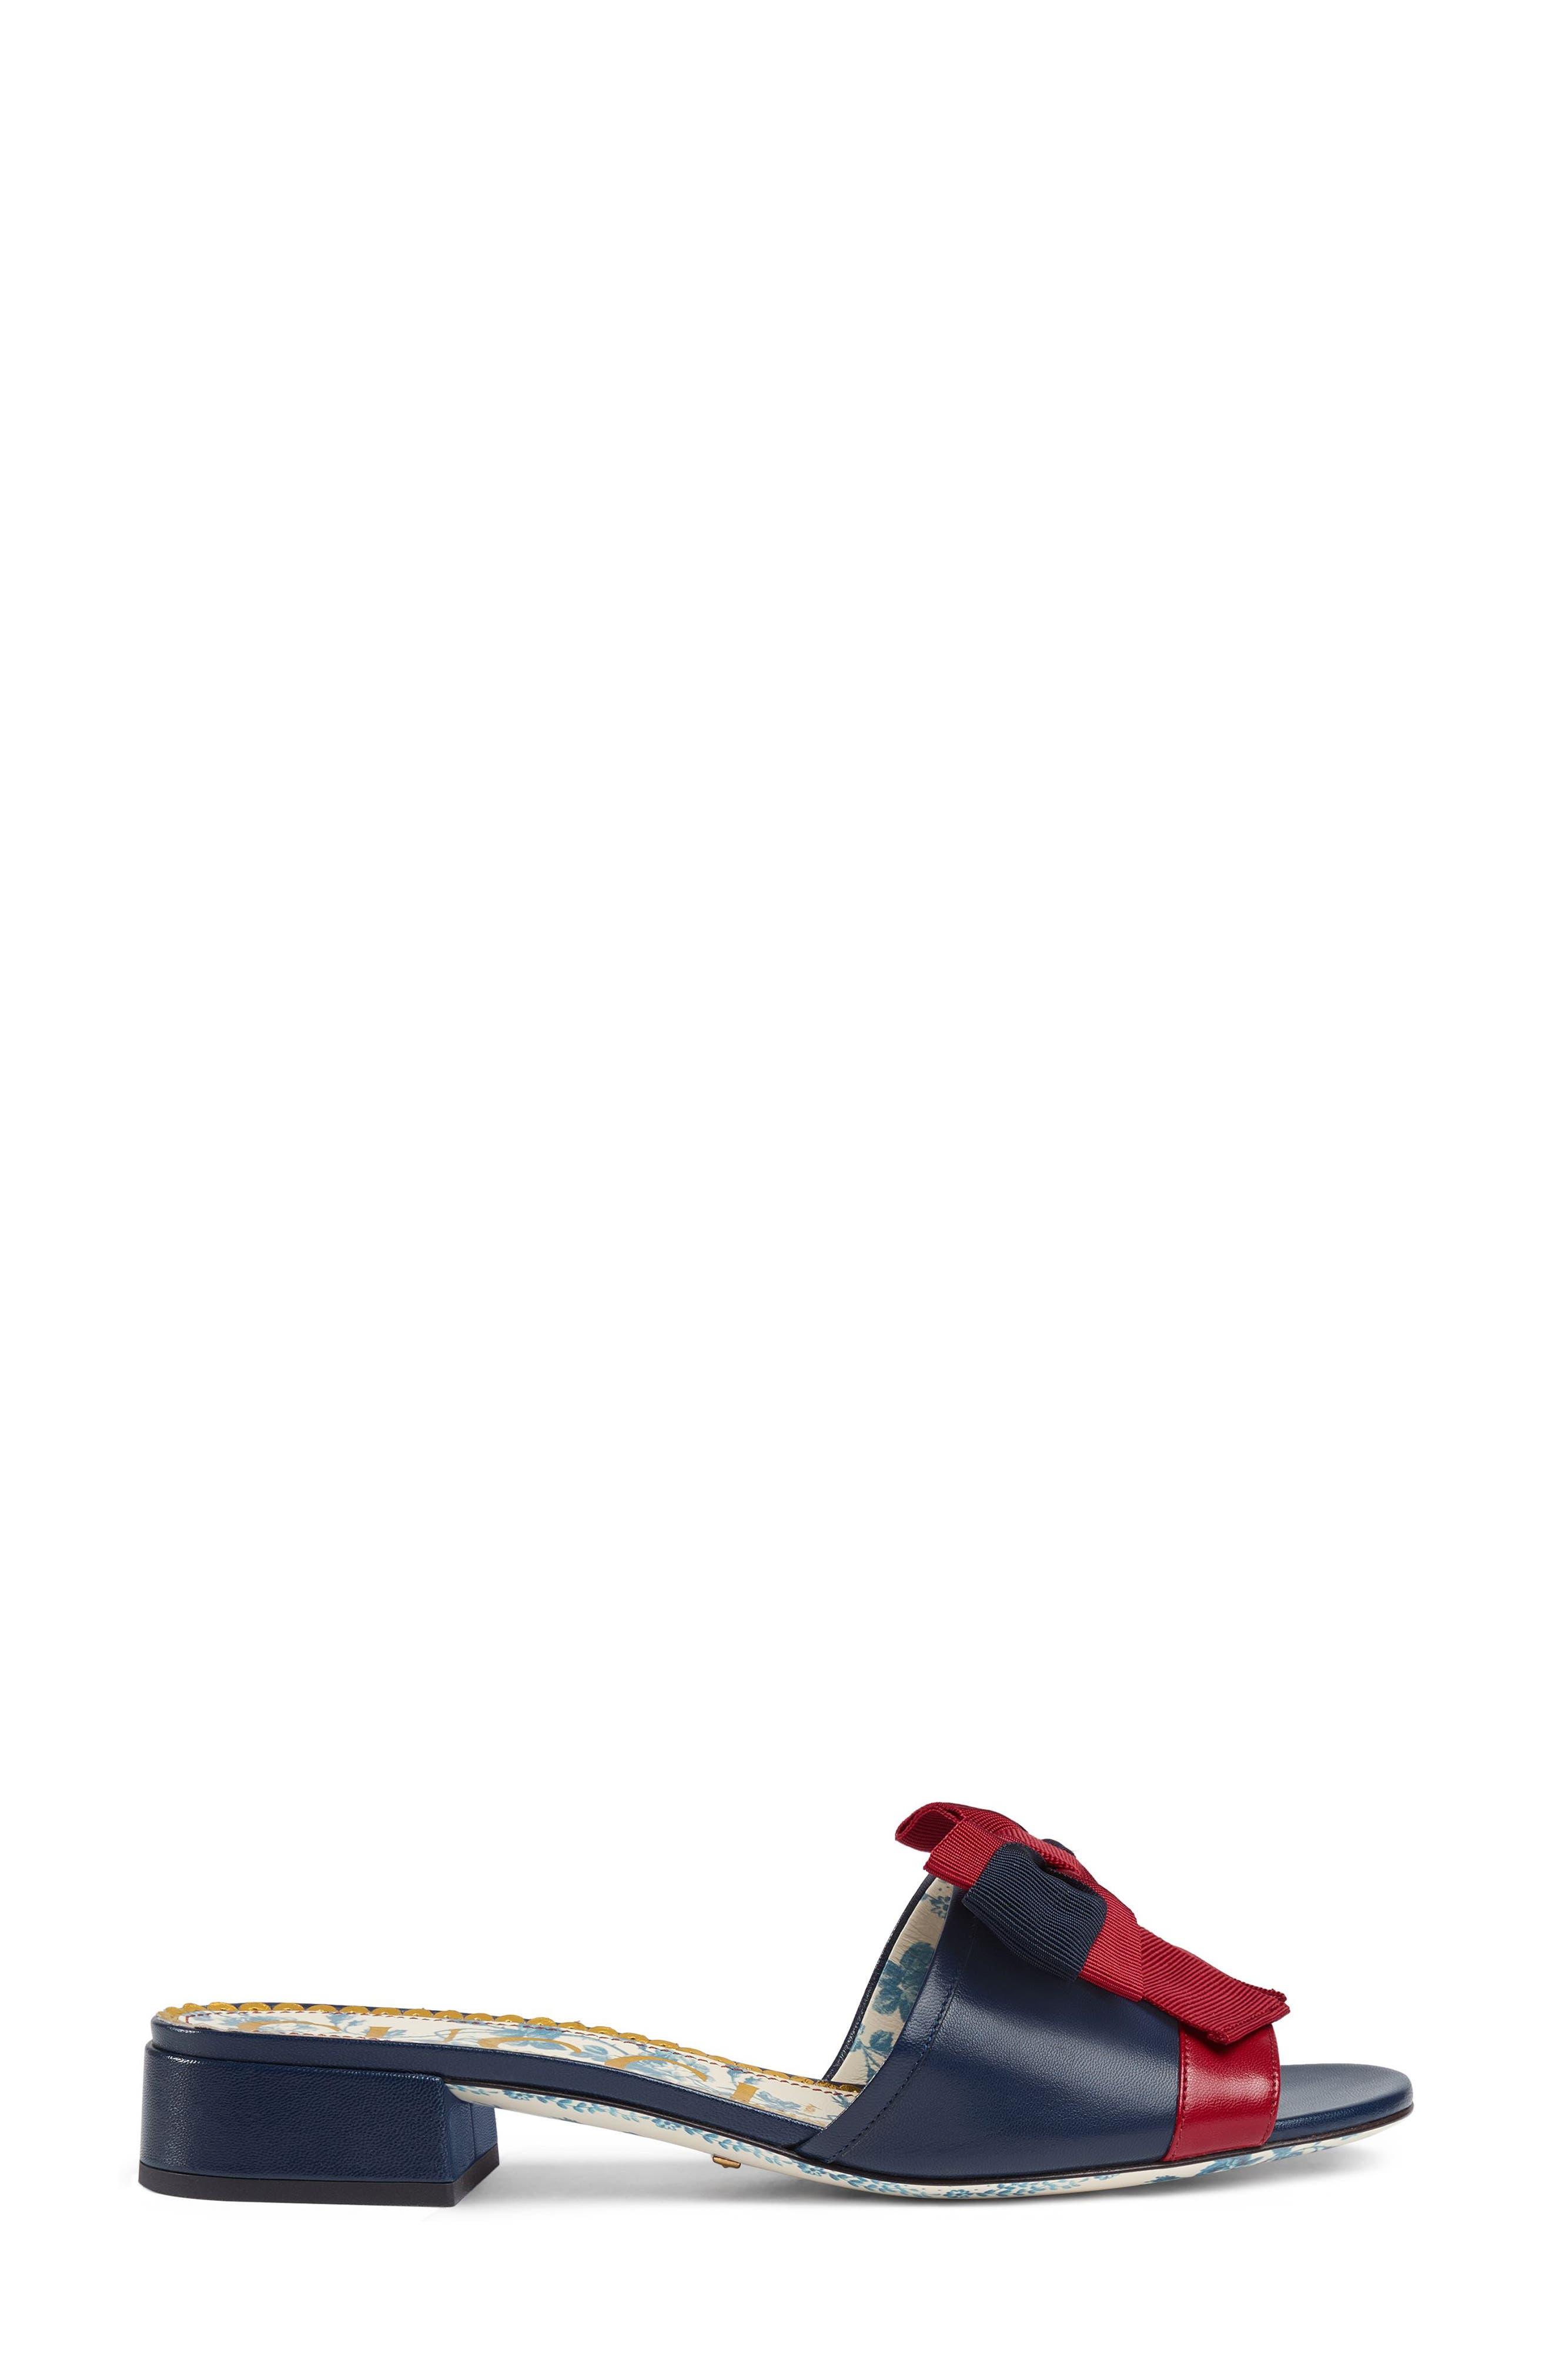 Sackville Bow Sandal,                             Alternate thumbnail 2, color,                             Blue/ Red